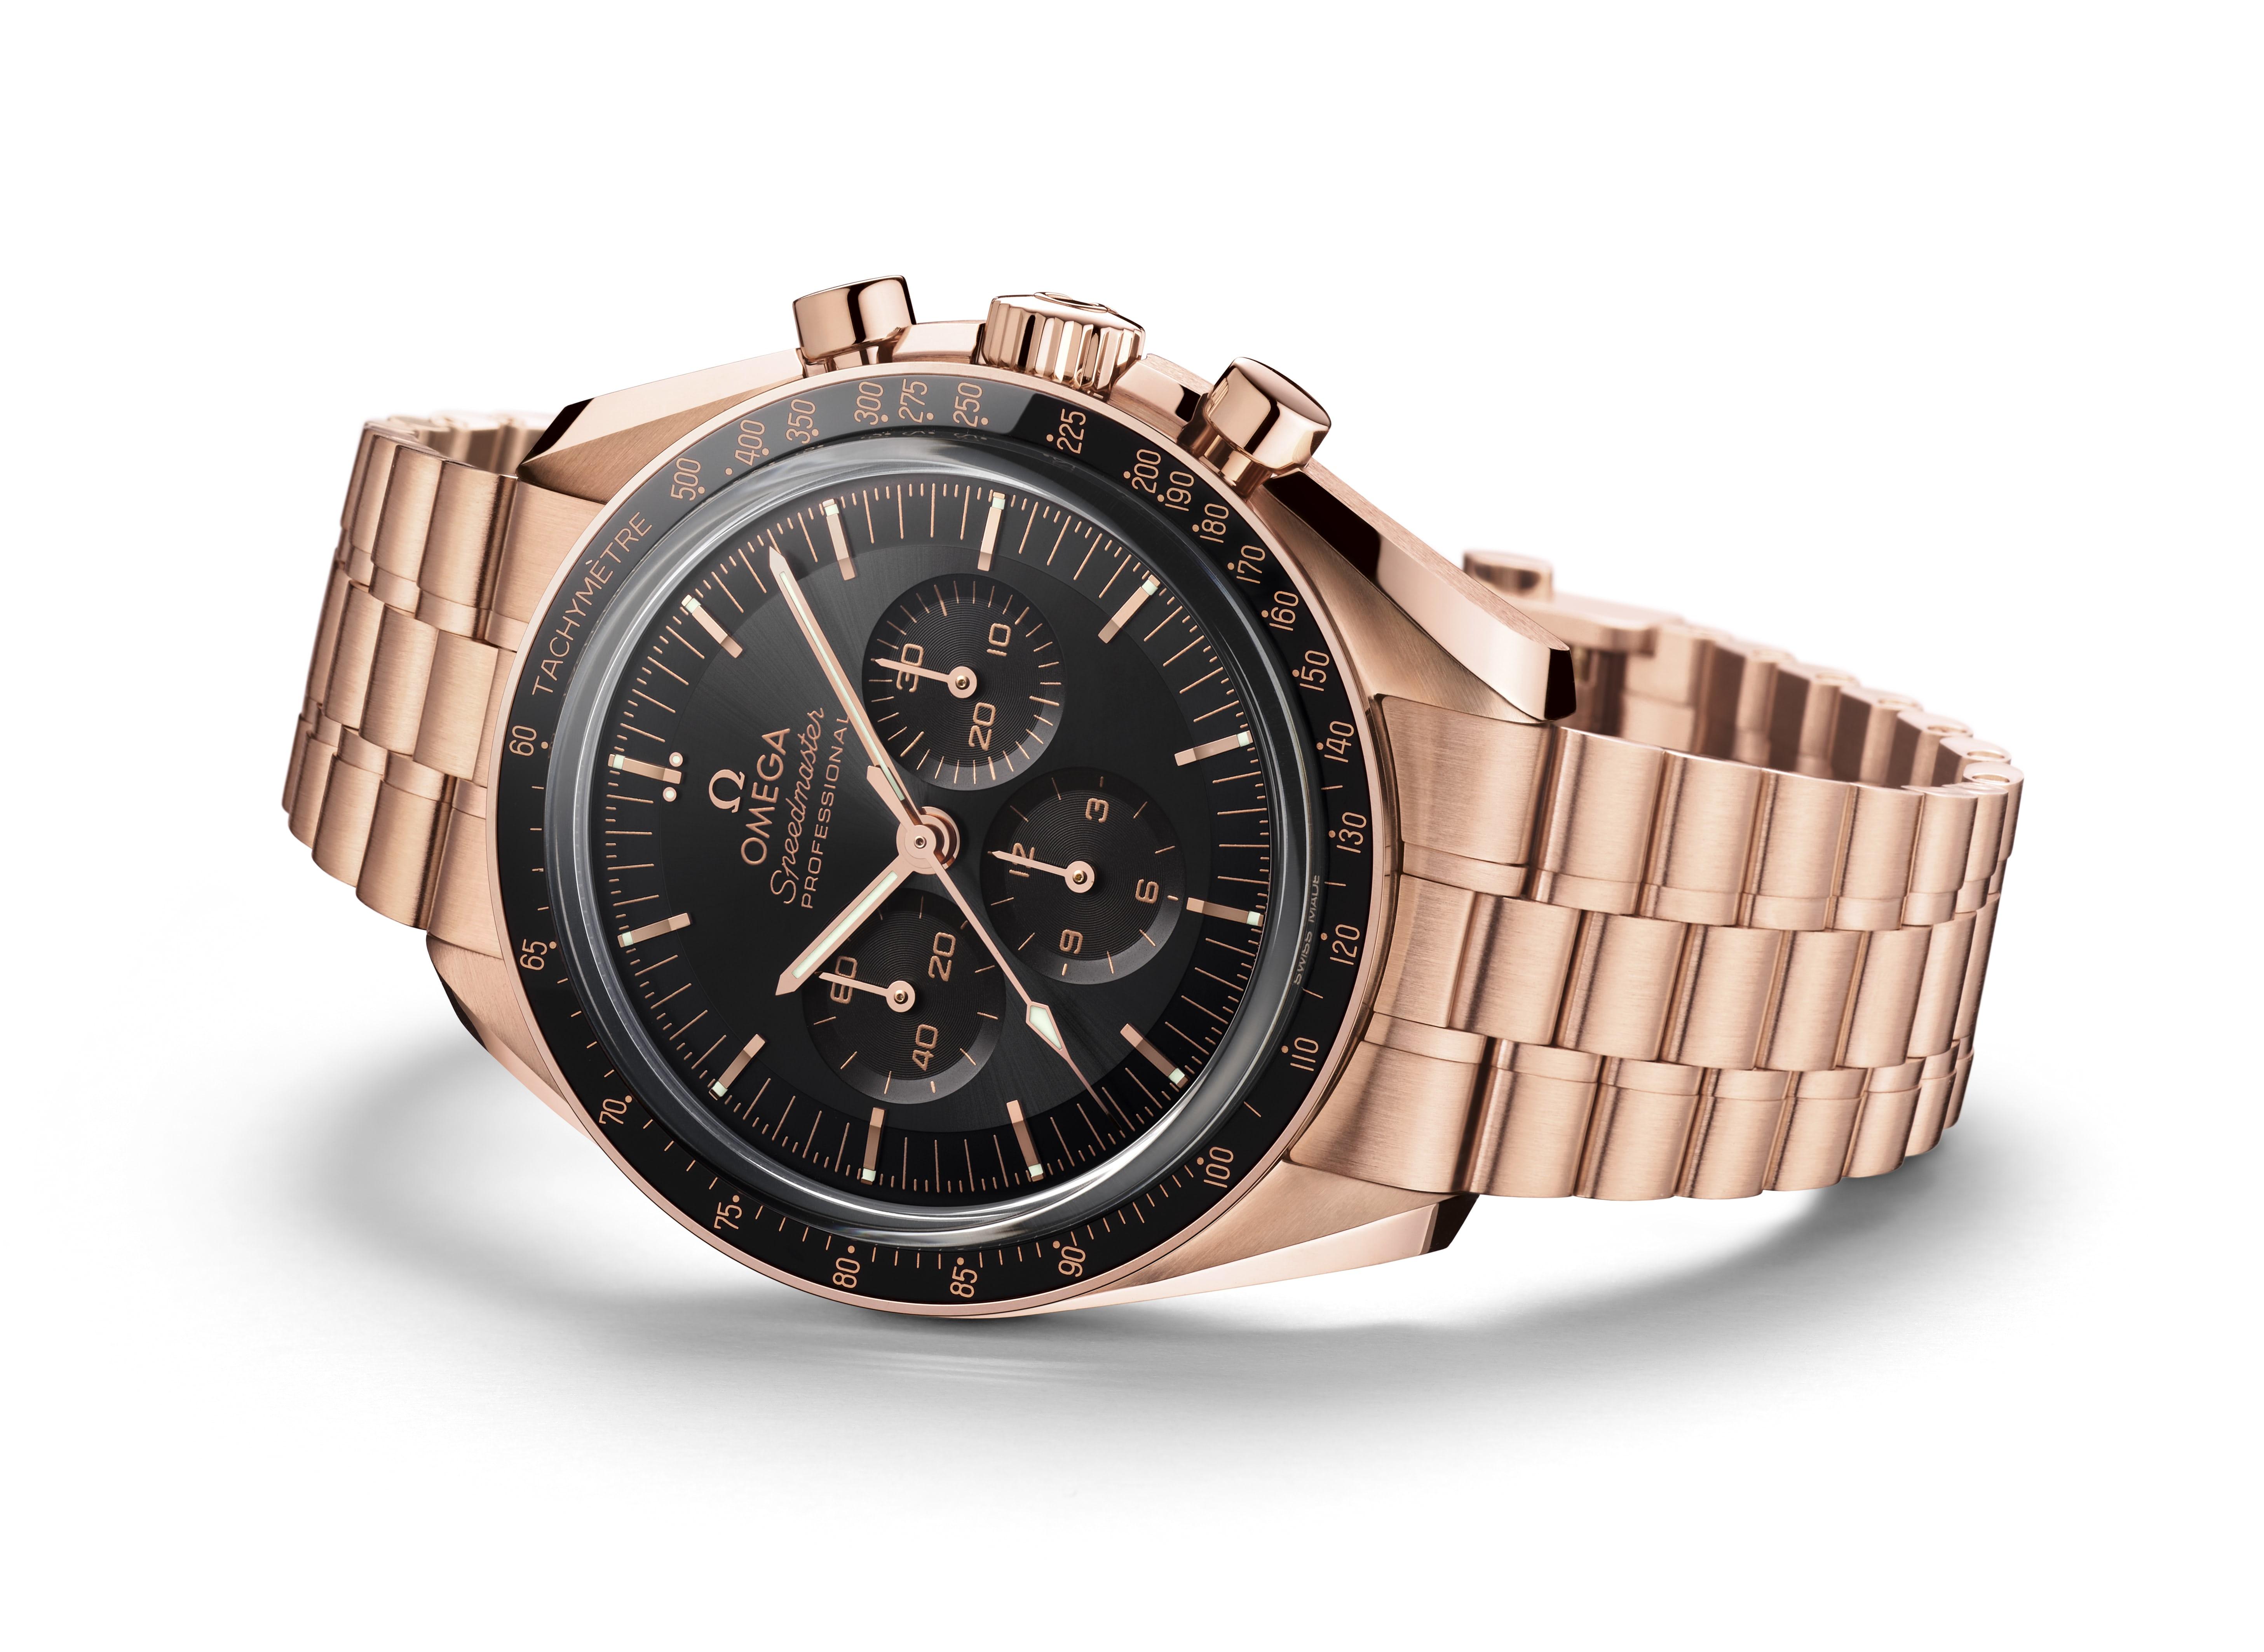 Cận cảnh chiếc đồng hồ theo tỷ phú Jeff Bezos bay lên rìa vũ trụ - Ảnh 6